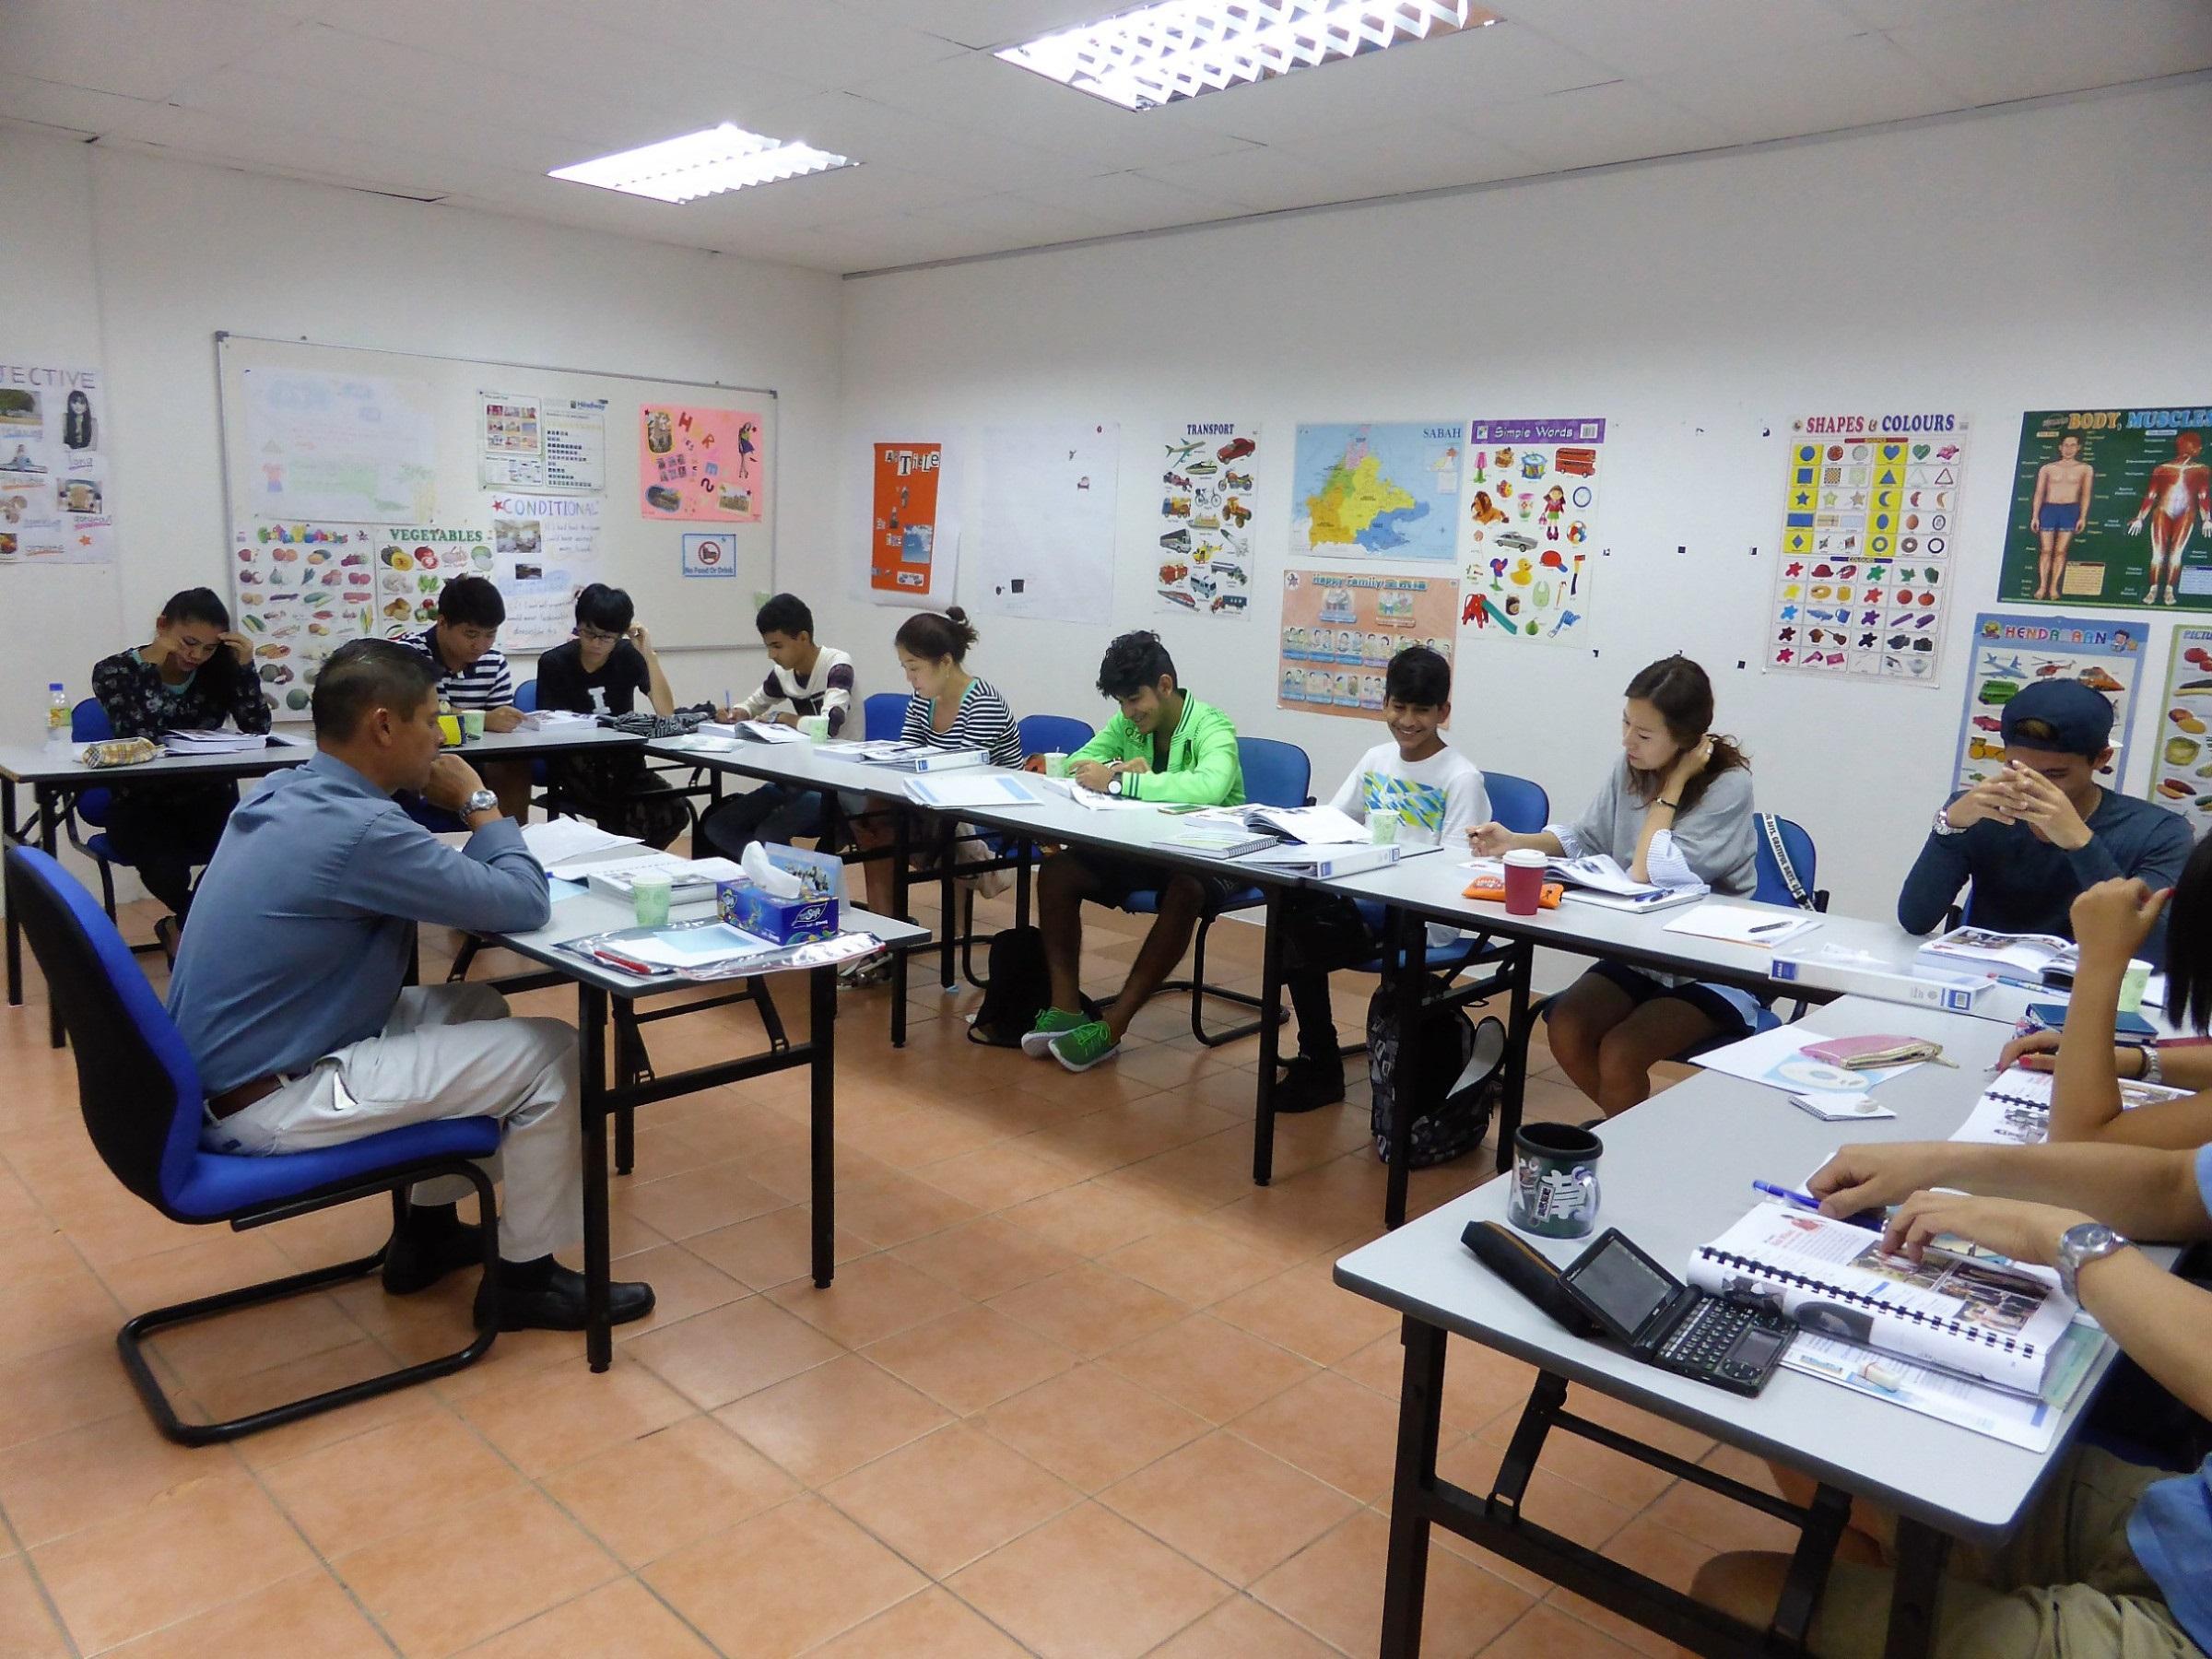 ネイティブの質の高い英語授業を受けることができます